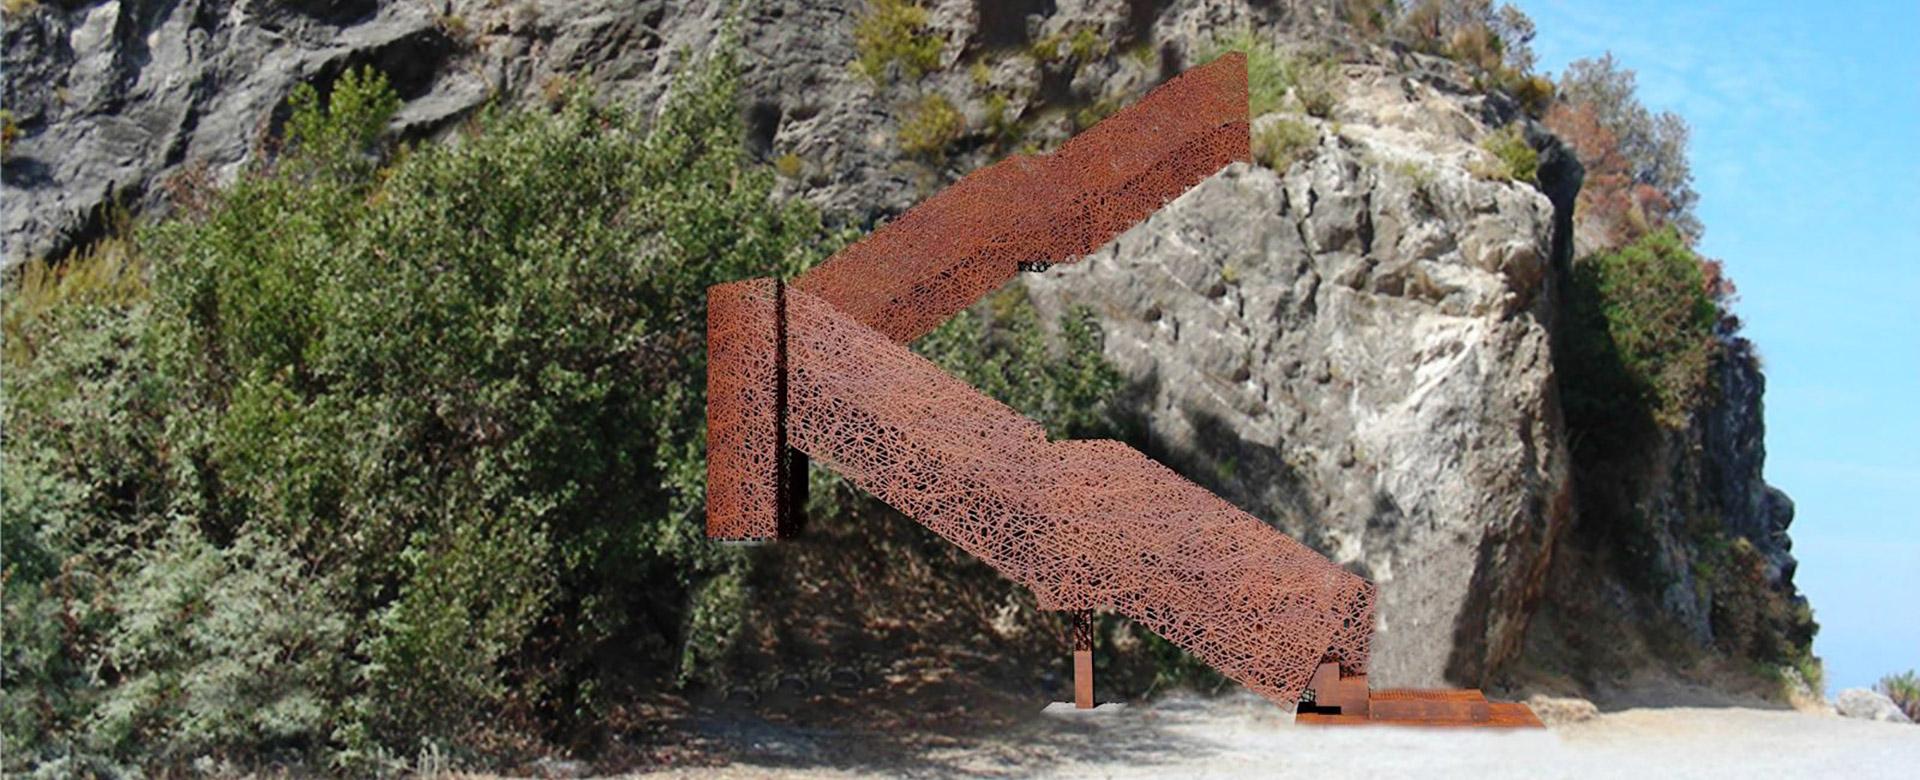 scala-in-acciaio